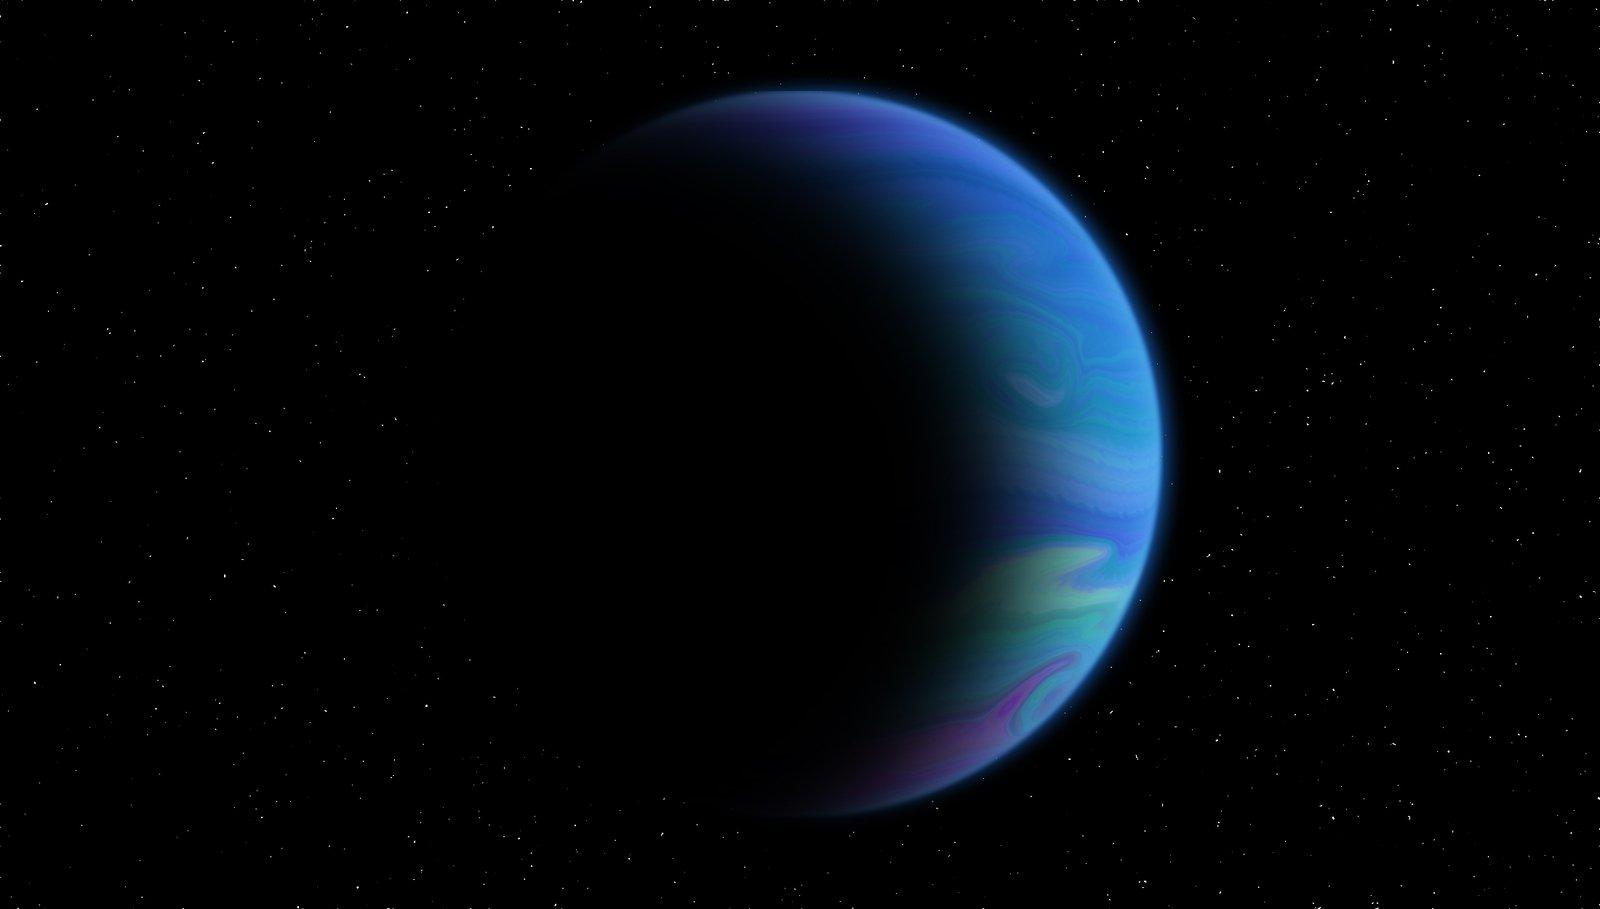 Astrologia: saiba o que esperar da chegada do poderoso Júpiter em 2018!